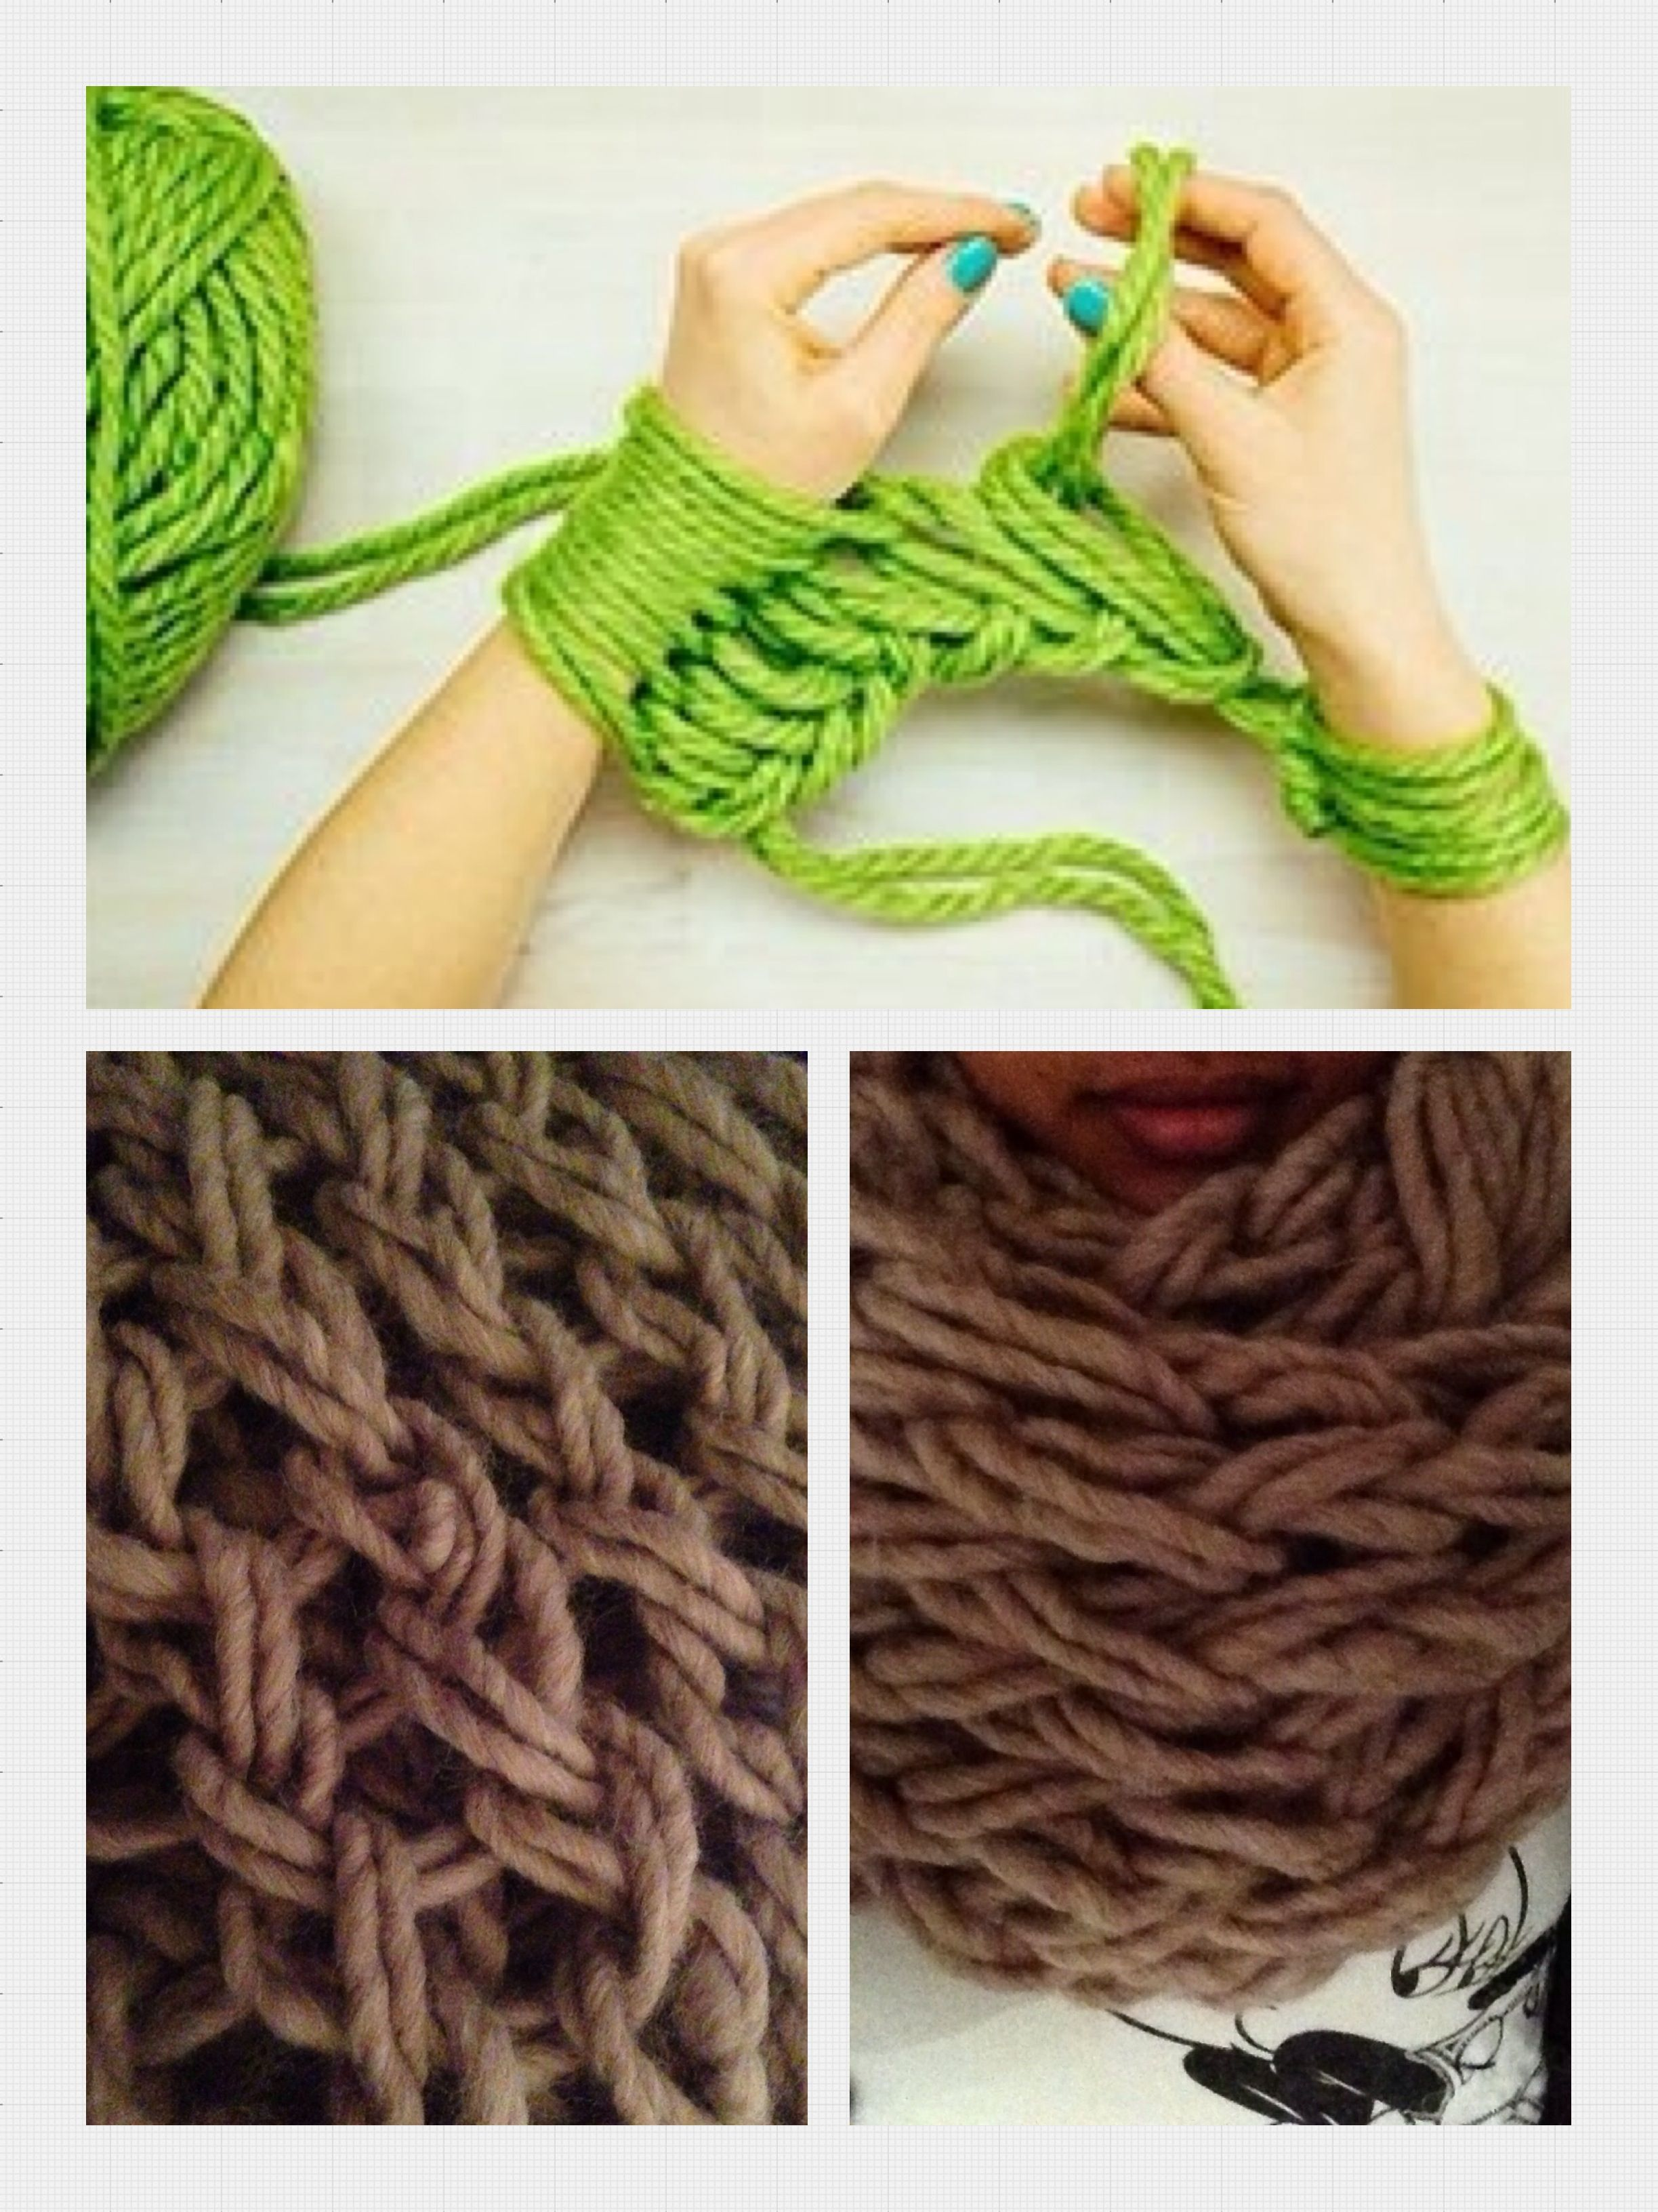 Arm breien... een manier om super snel een sjaal, een poef of een vloerkleed te breien. Klaar in no-time!